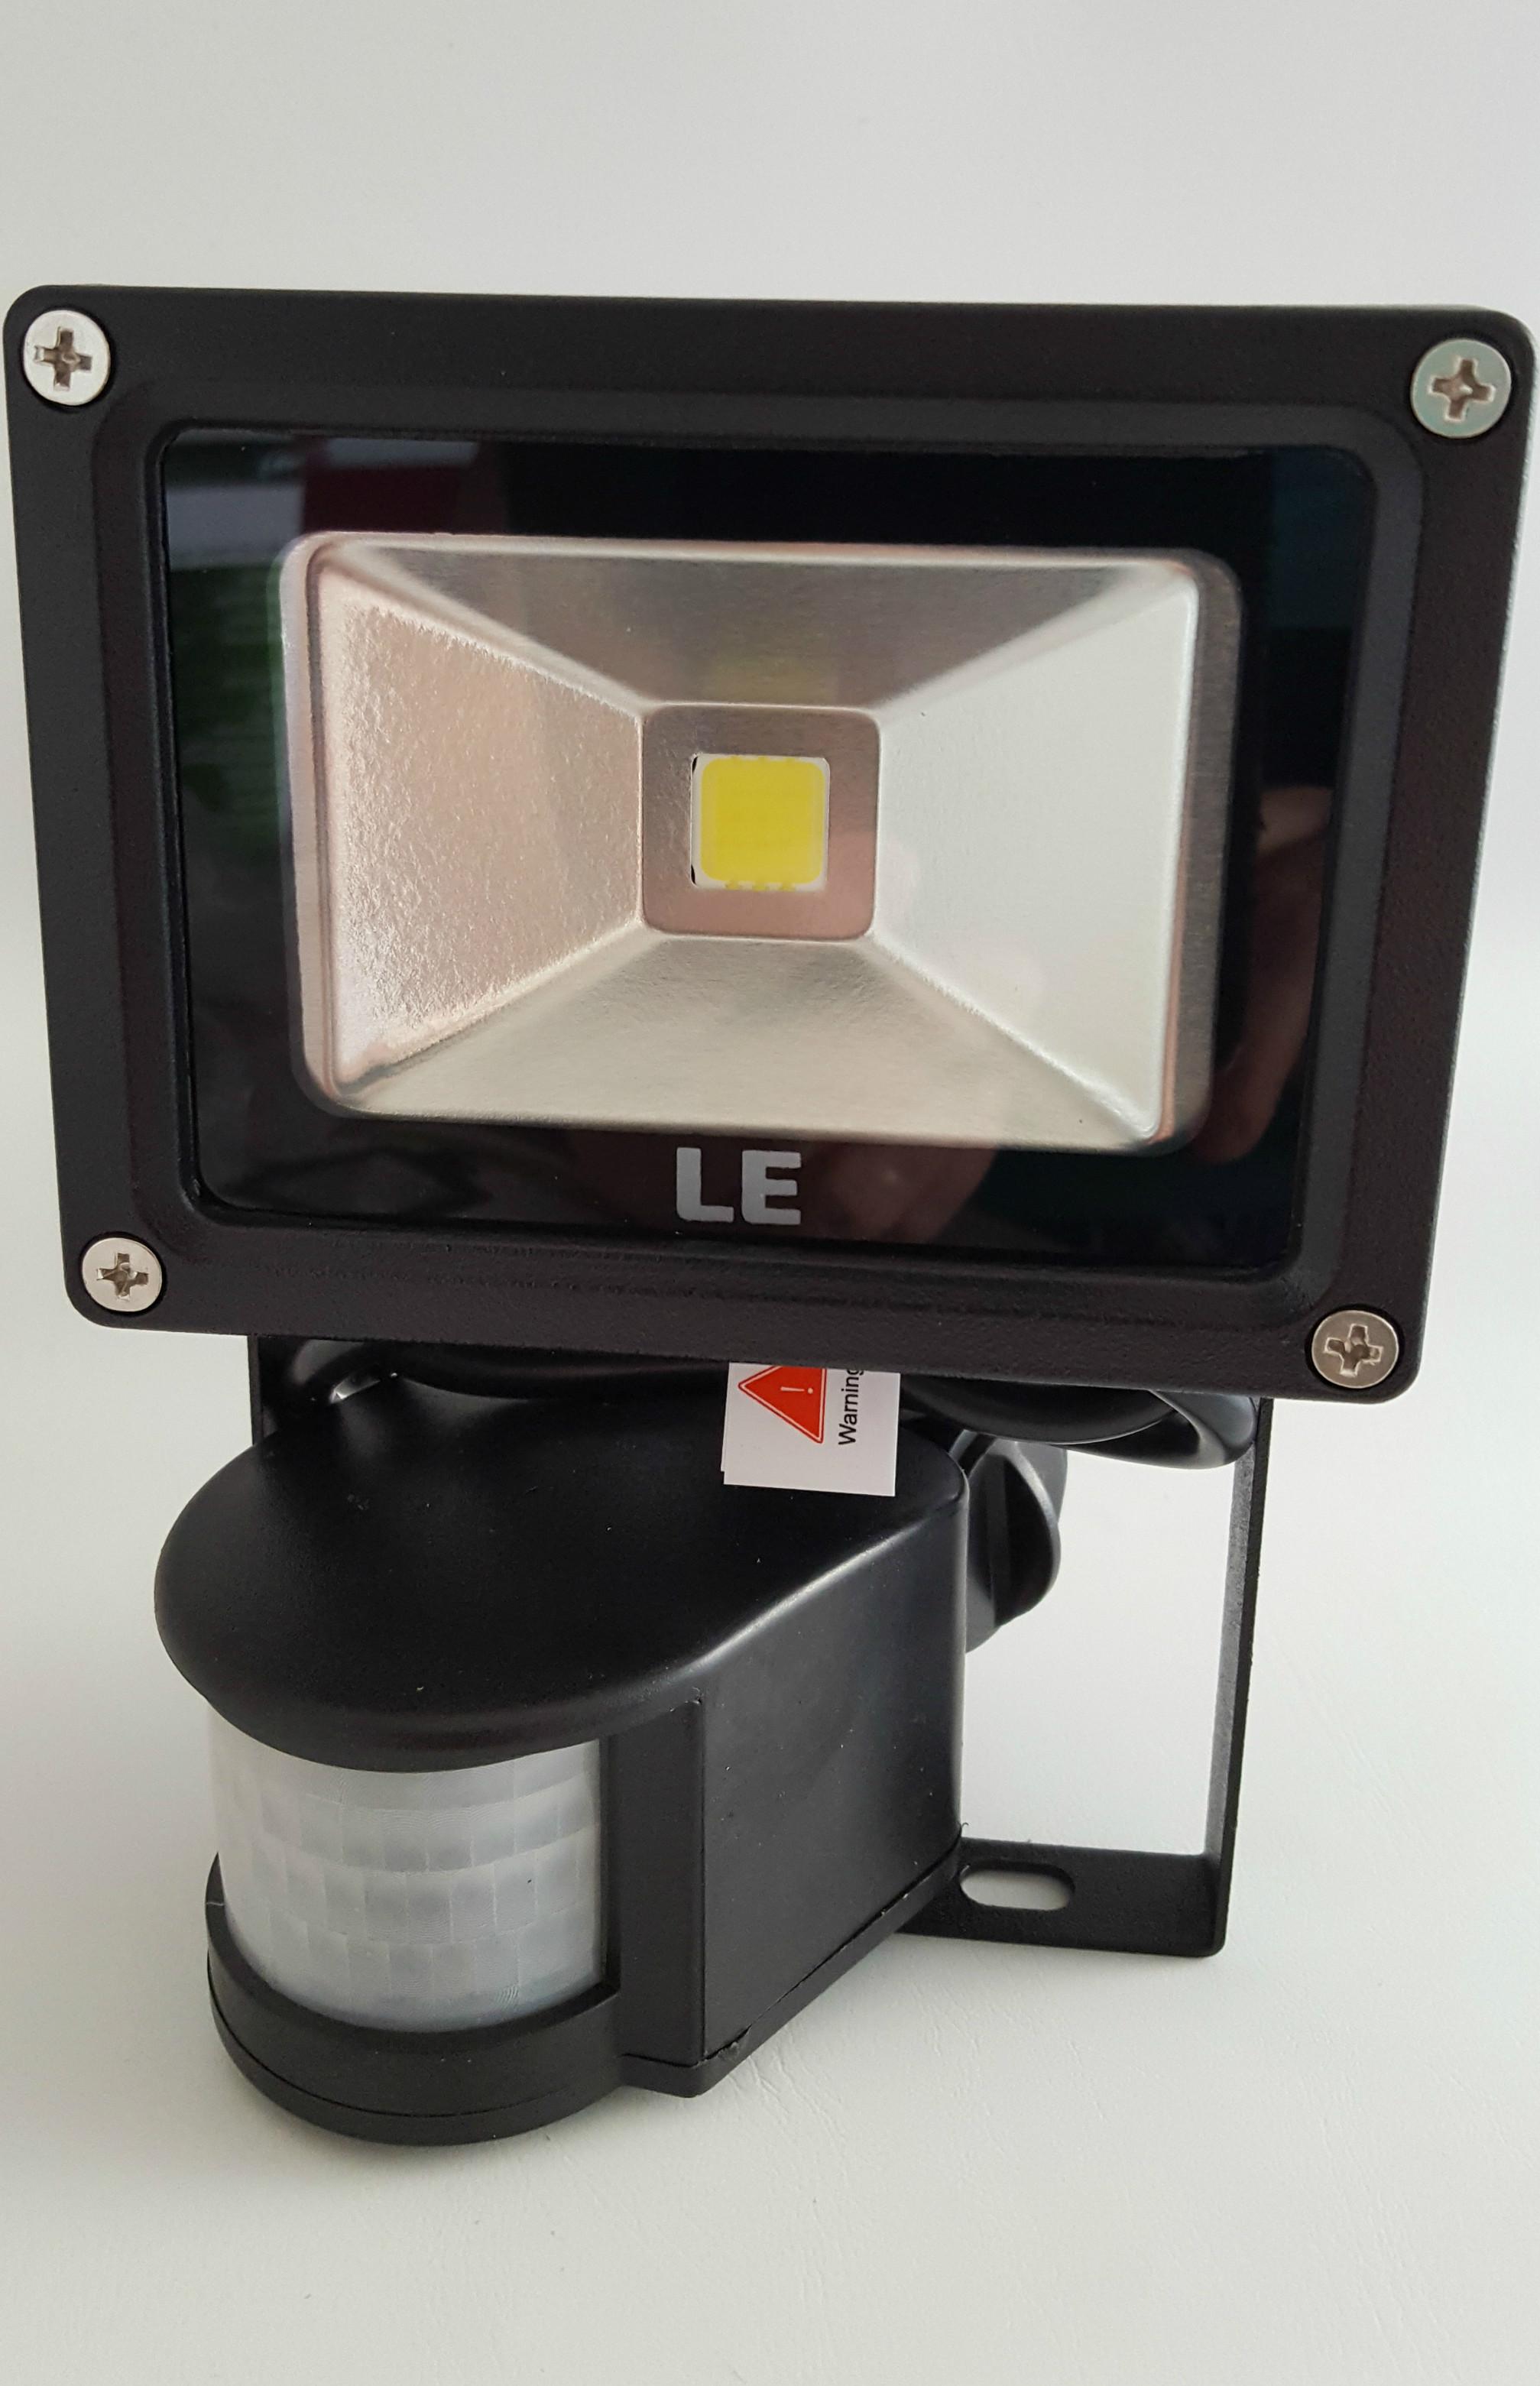 LED-Fluter-mit-Bewegungsmelder-von-Lighting-EVER-Beitragsbild Stilvolle Led Strahler Mit Bewegungsmelder Test Dekorationen